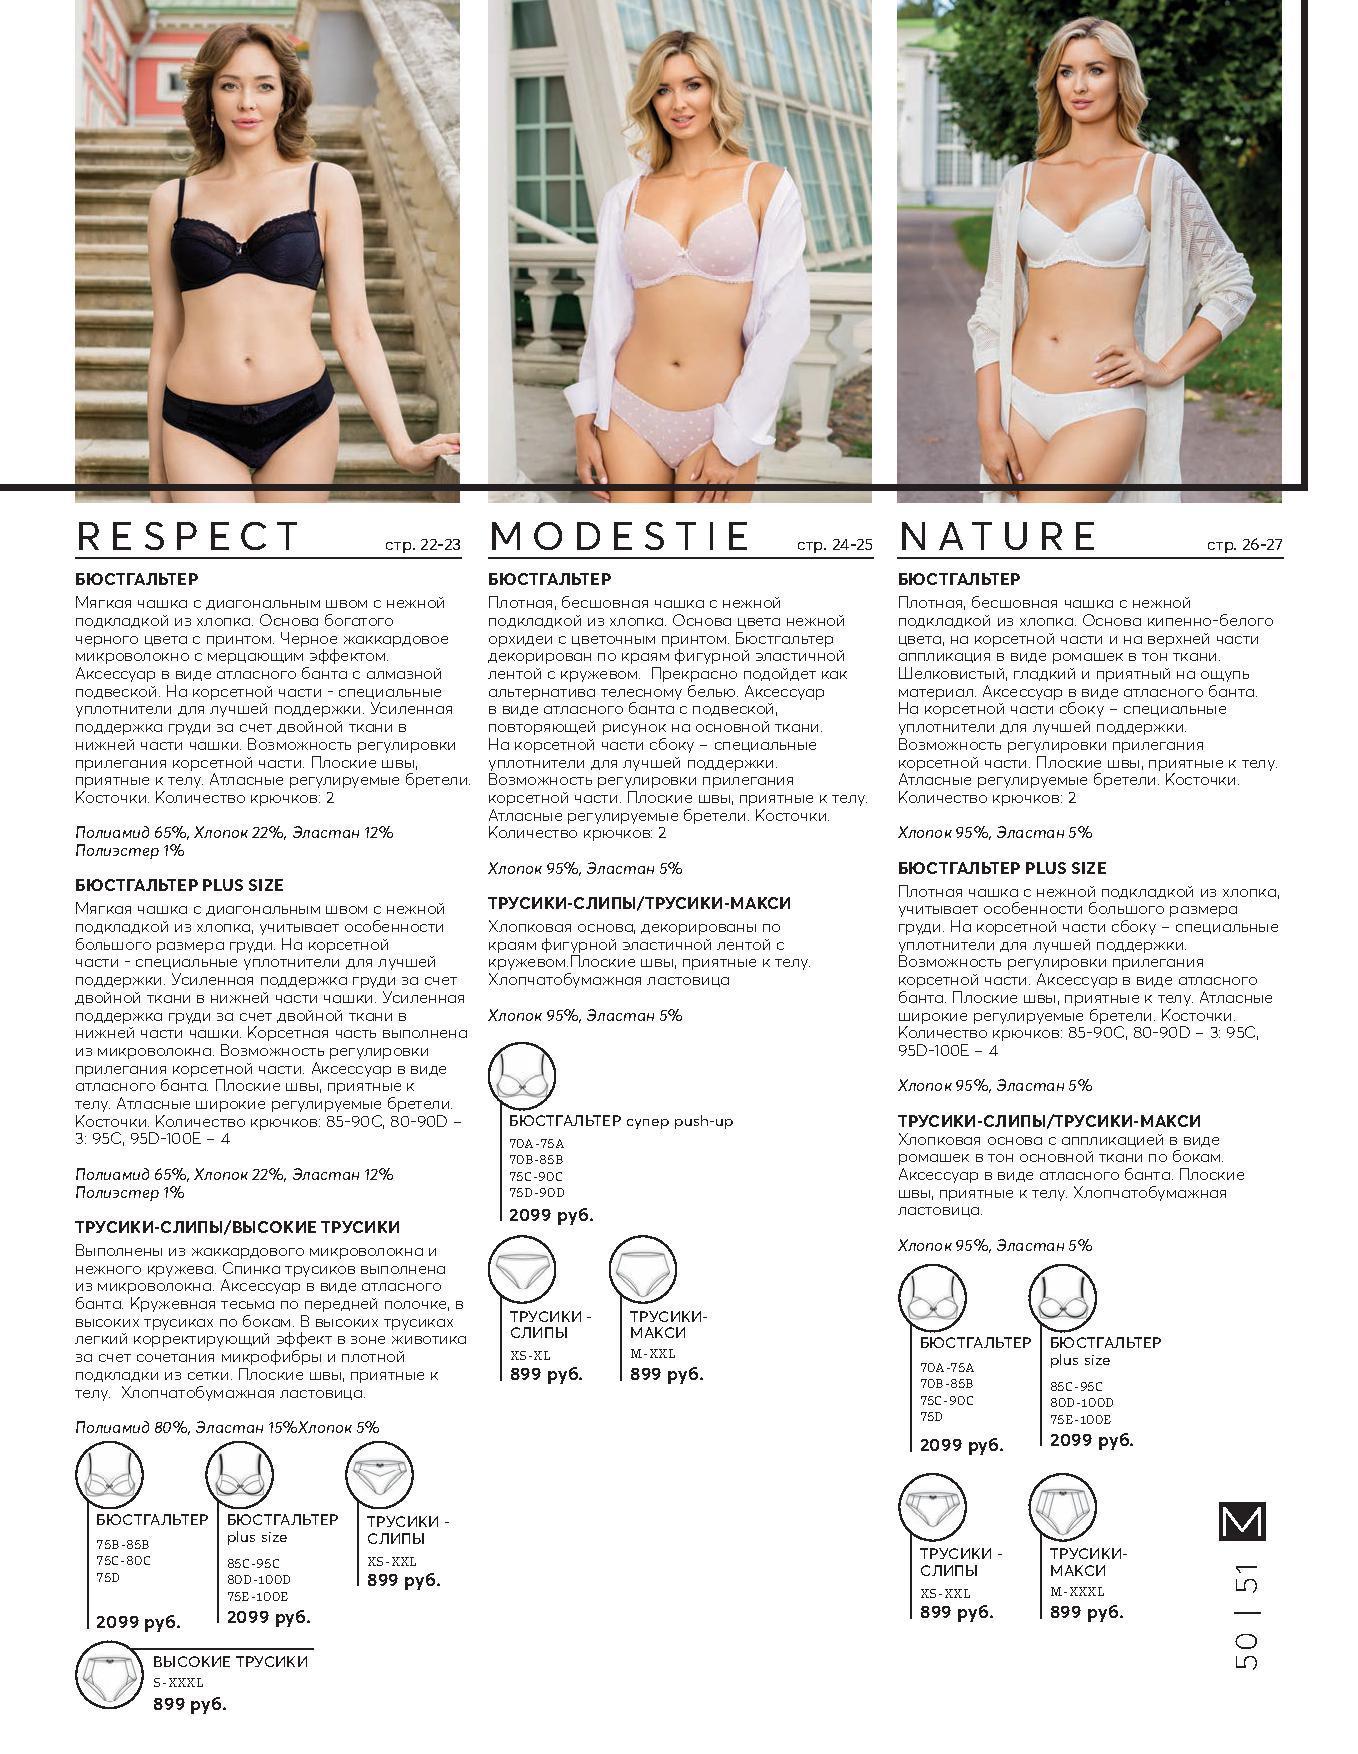 картинка описание комплектов нижнего белья каталога МонМио осень - зима 2018/2019